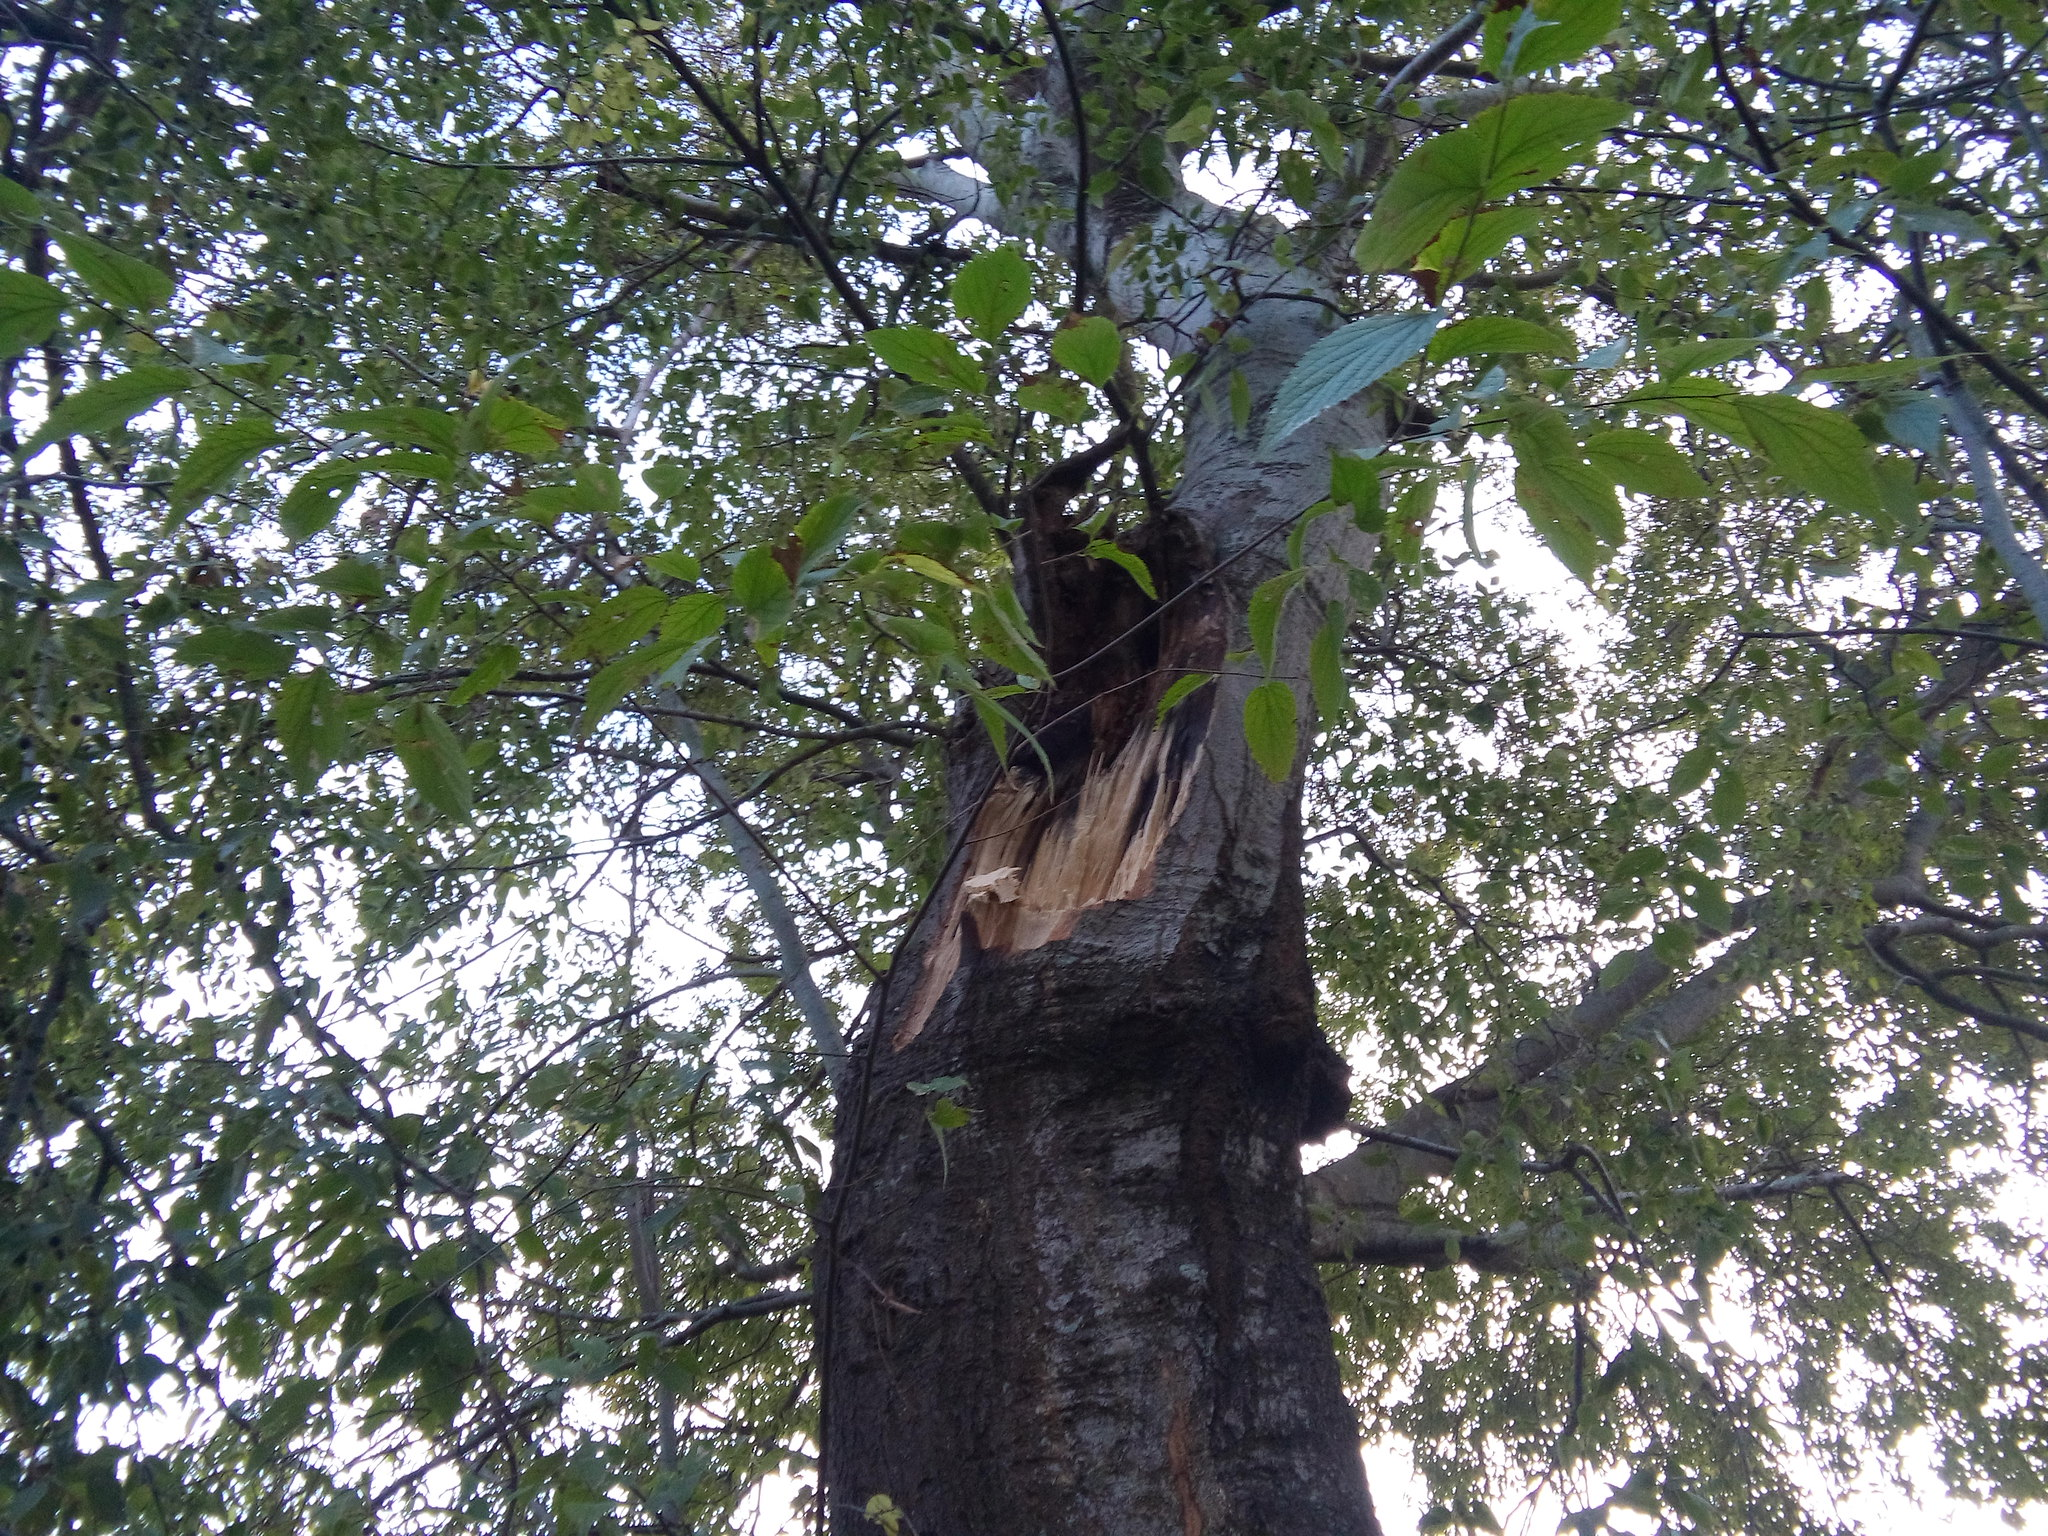 Δέντρο έσπασε στα δύο κατά την διάρκεια της καταιγίδας «Ευρυδίκη»